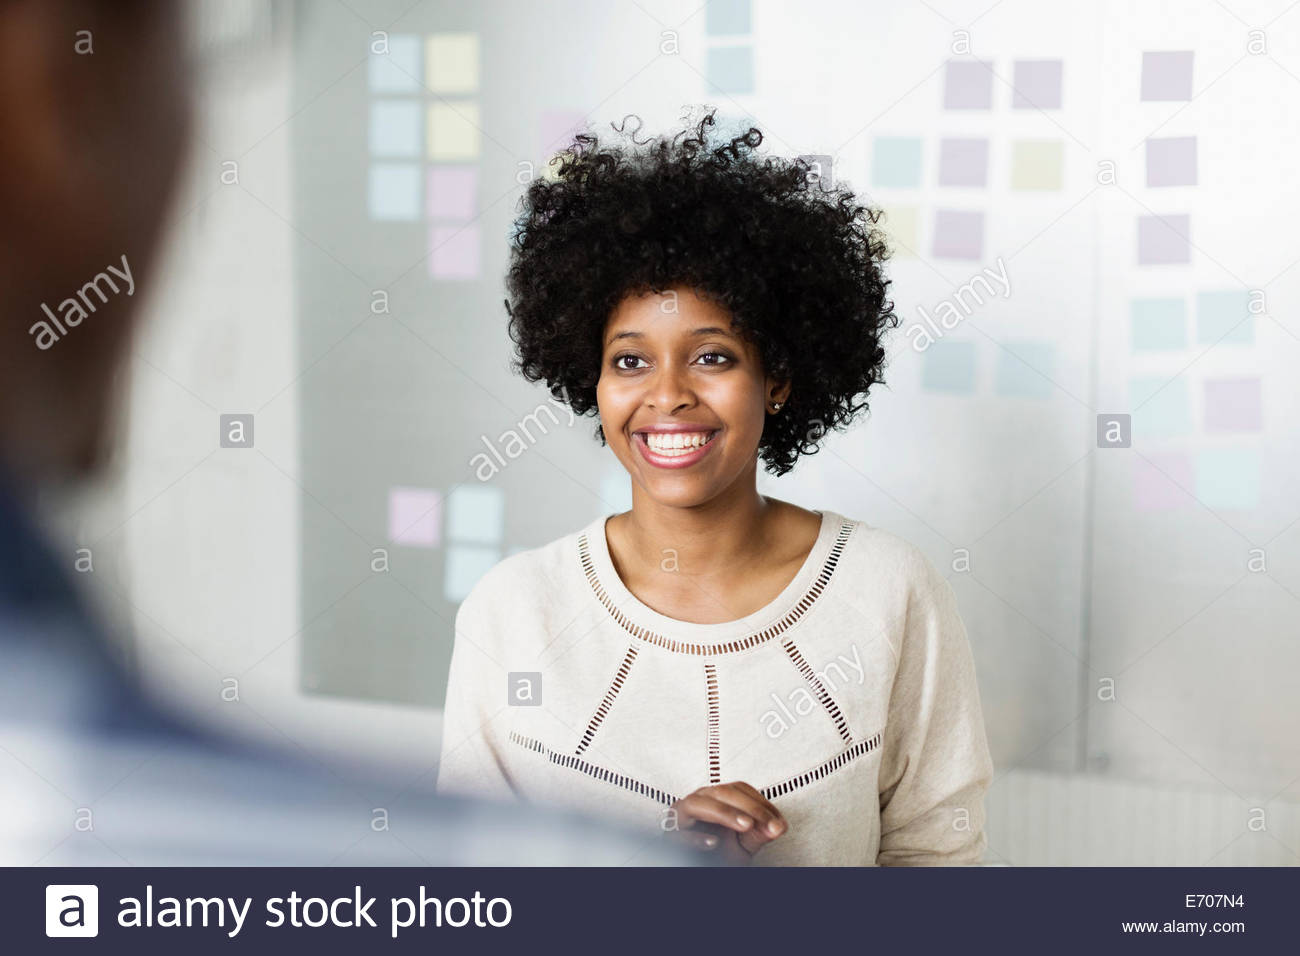 Retrato de mujer joven sonriente Imagen De Stock